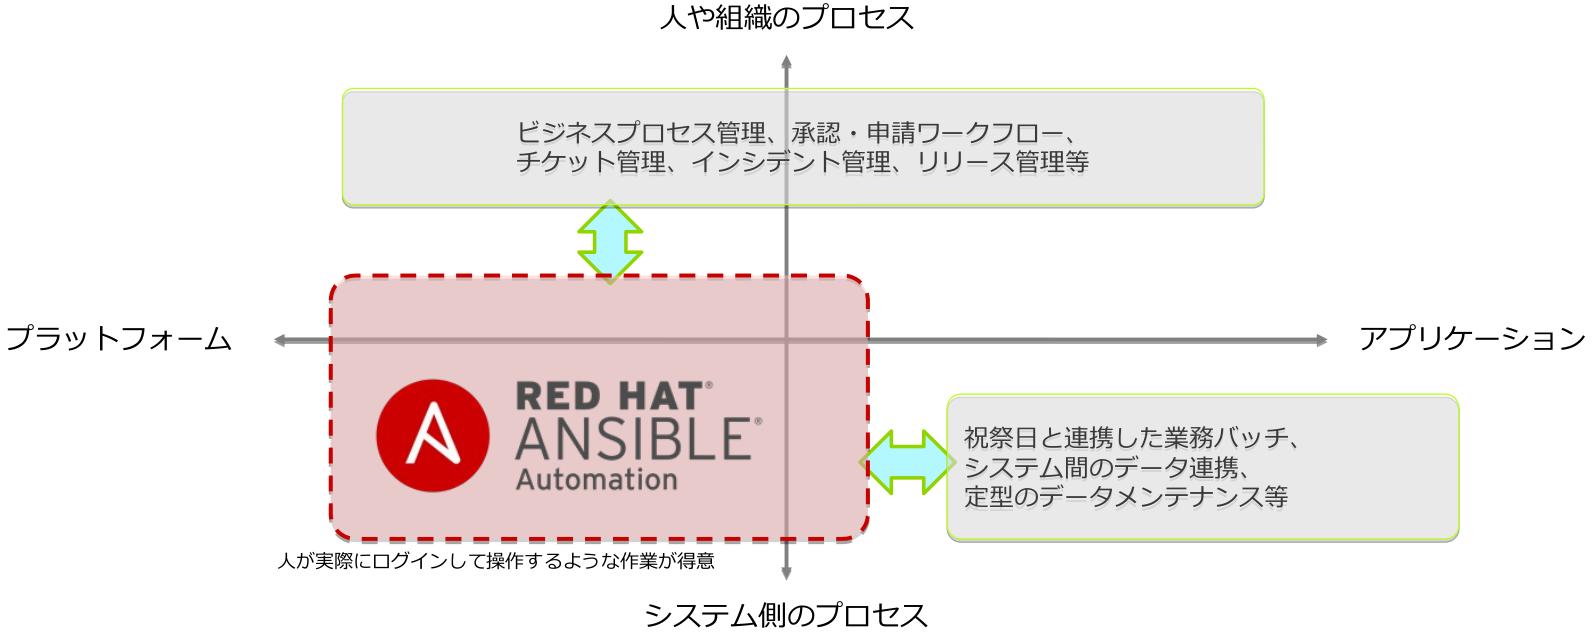 https://licensecounter.jp/devops-hub/blog/assets/images/180214_redhat_01.png